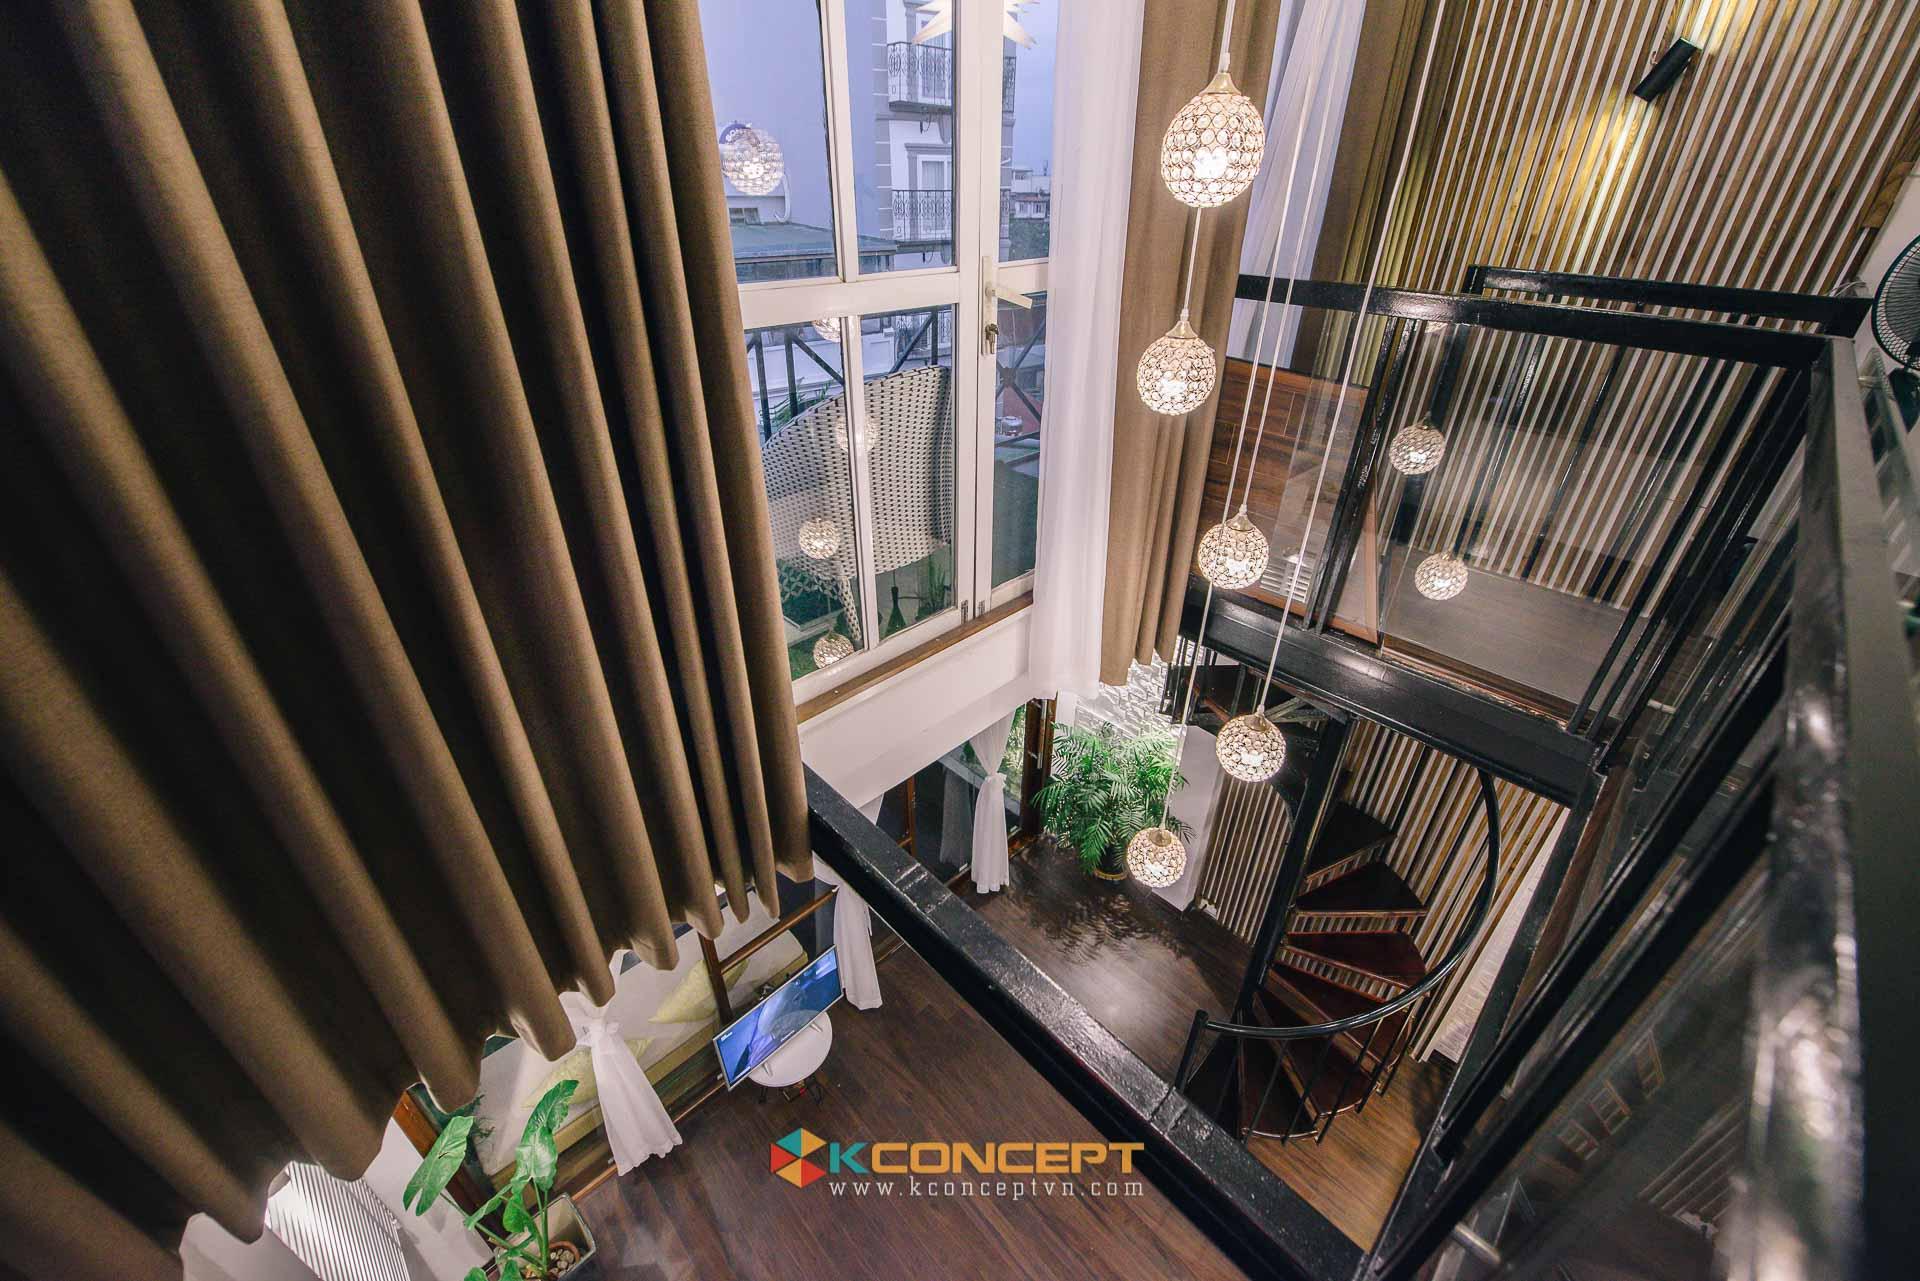 Hình ảnh về dự án chụp ảnh Airbnb Homestay tại Penhouse 26 Hàng Vôi, Hà Nội